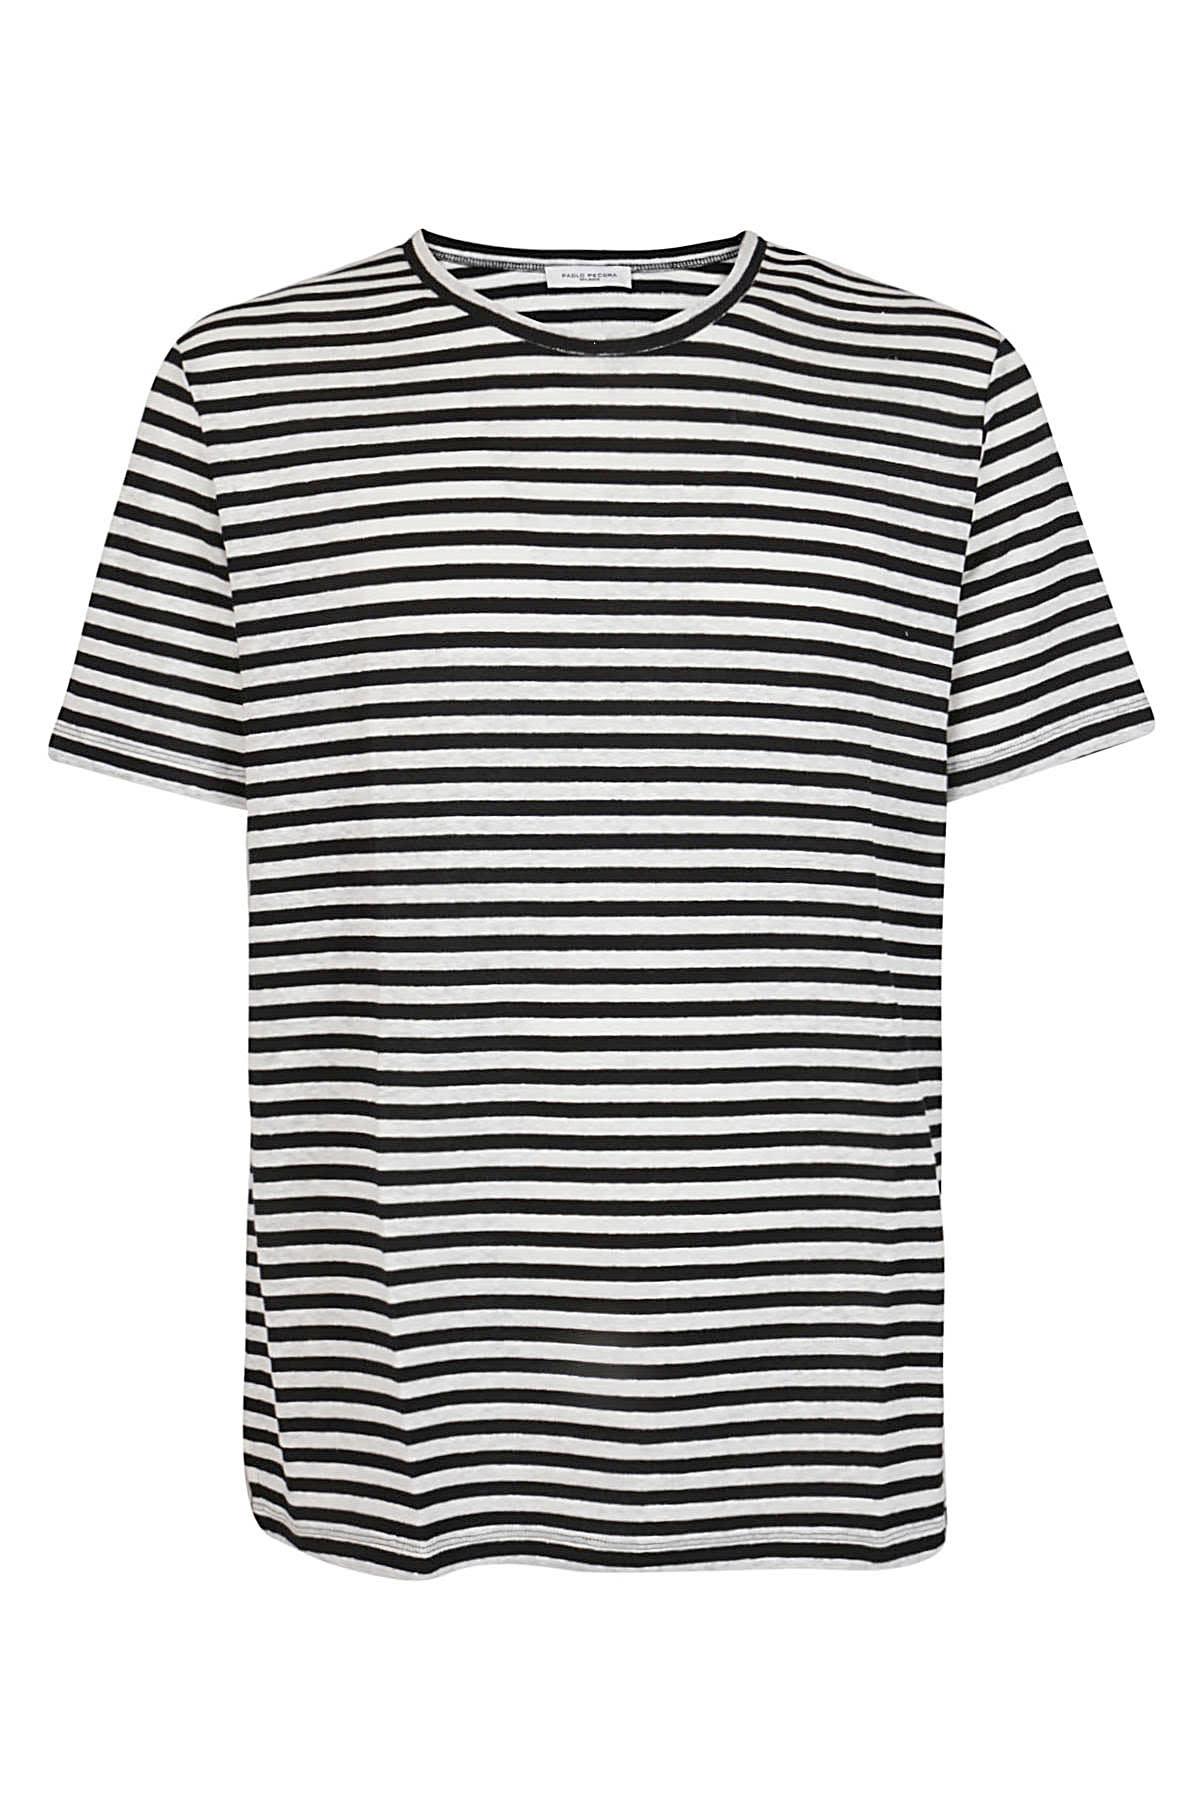 Paolo Pecora Short Sleeve T-Shirt